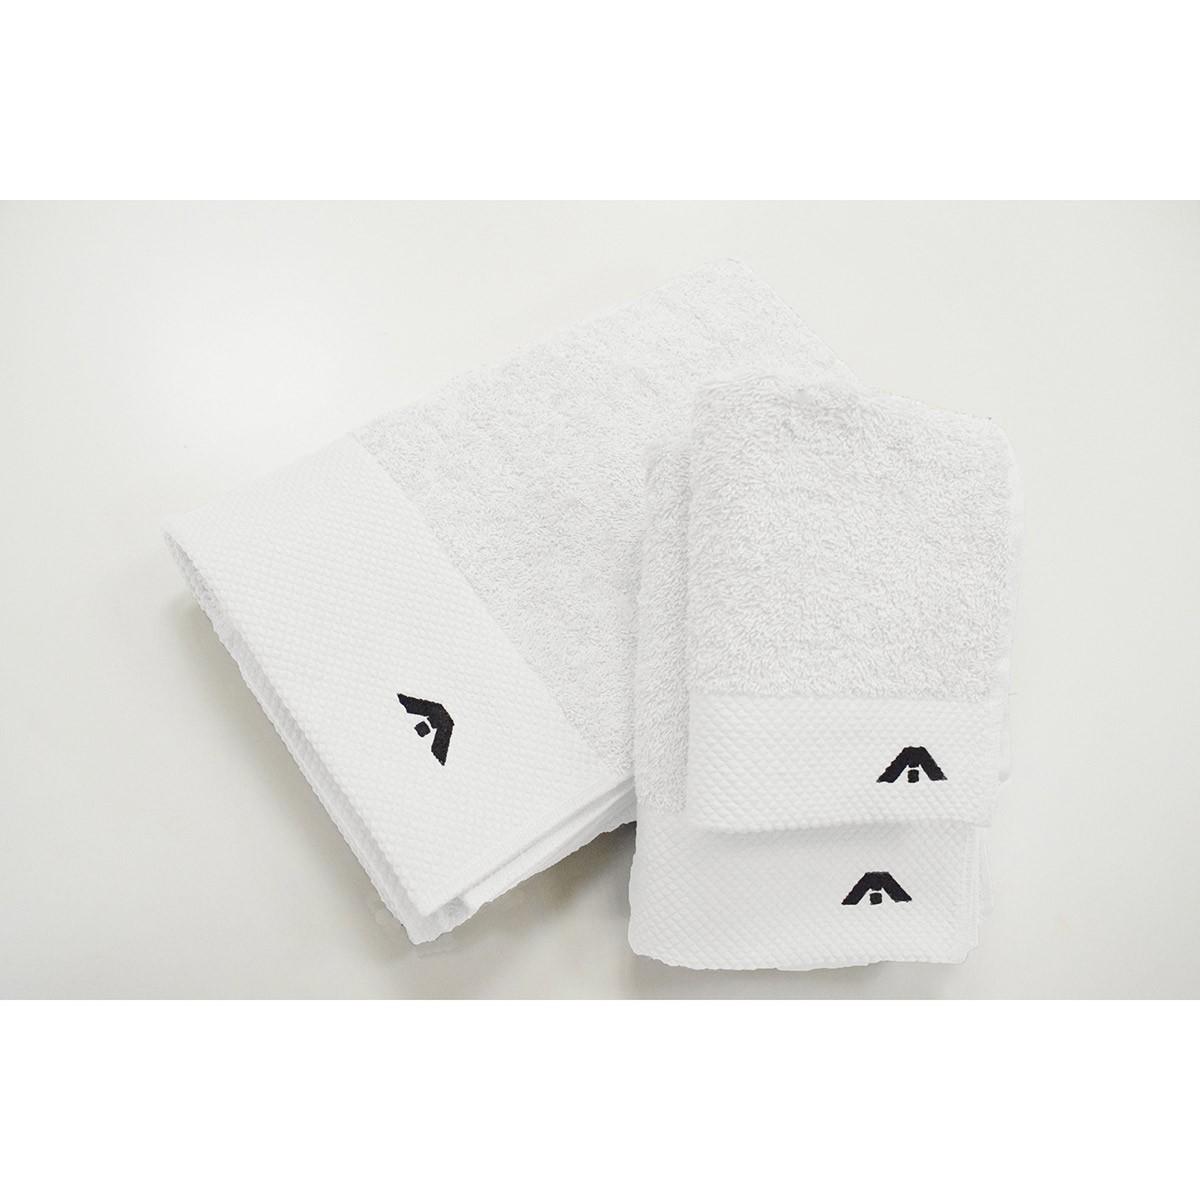 Πετσέτες Μπάνιου (Σετ 3τμχ) AP Milano Italia White